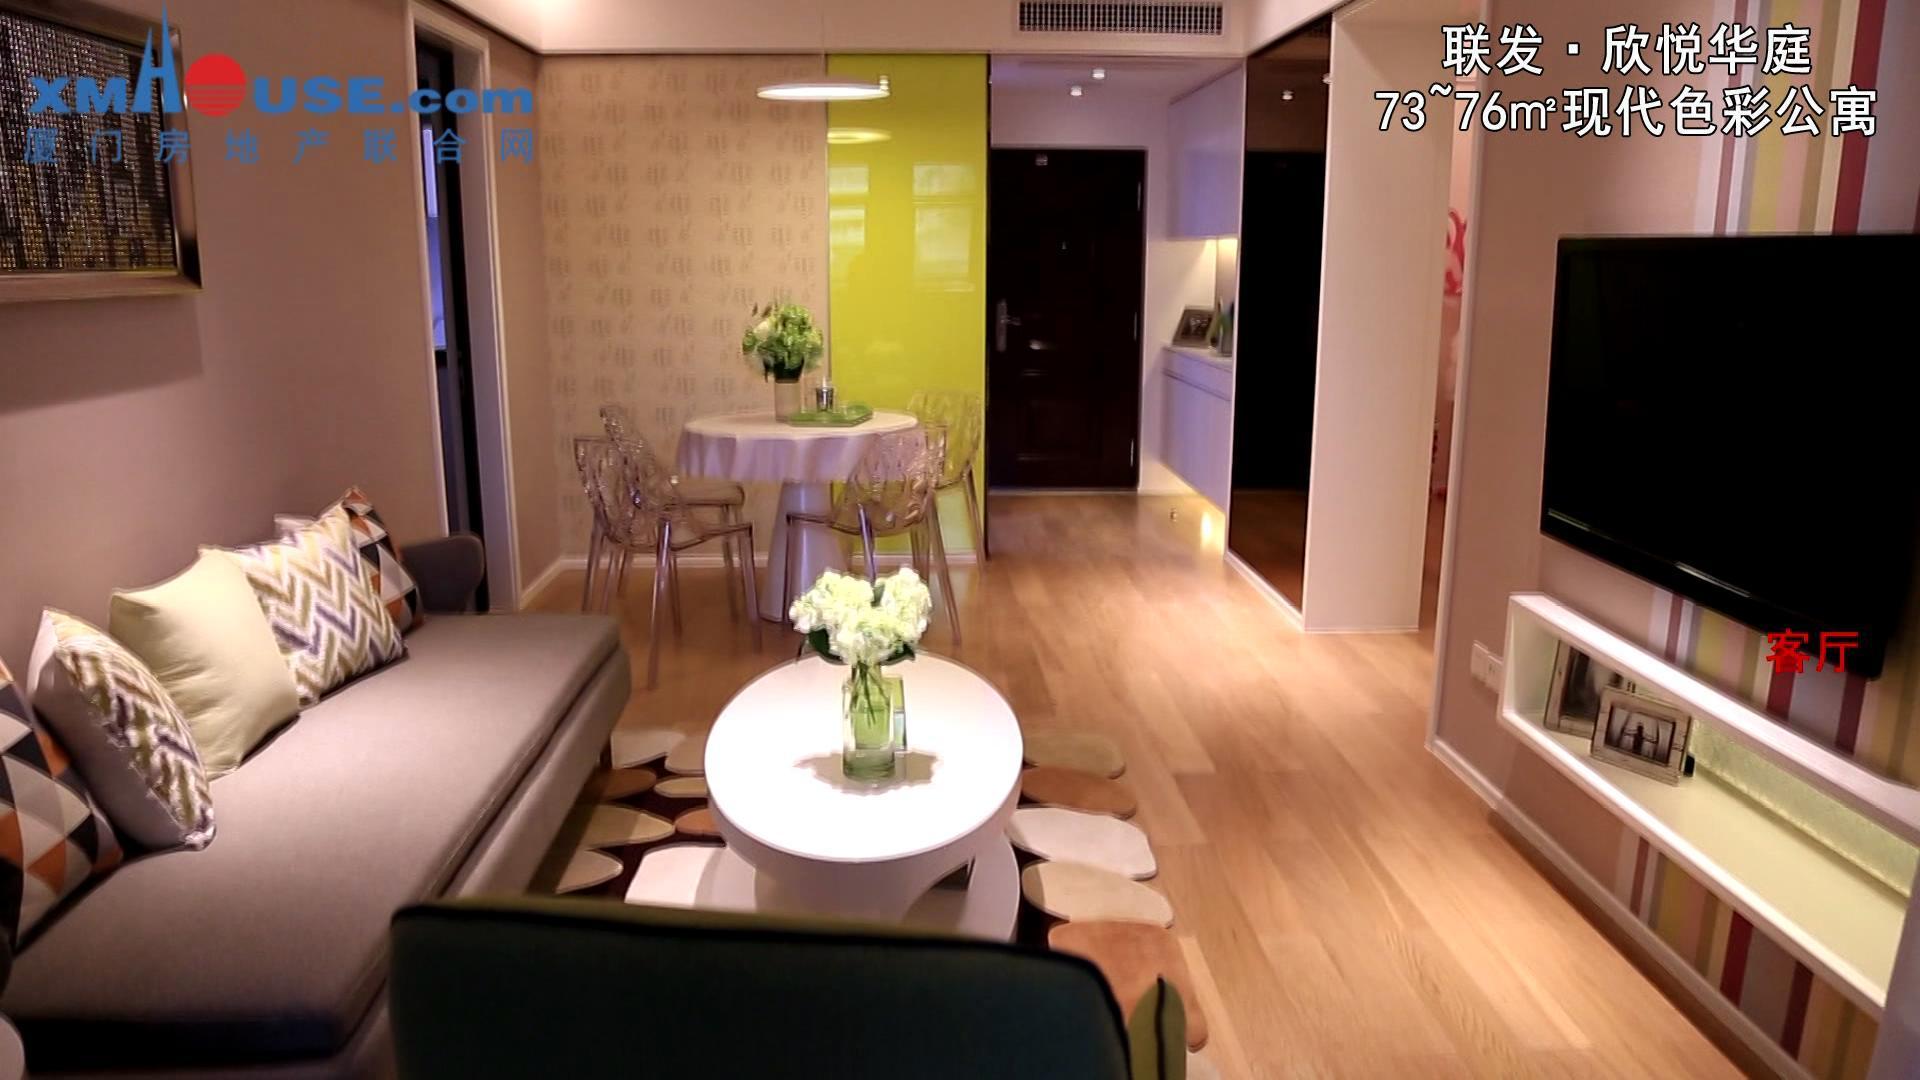 联发·欣悦华庭:73平现代色彩公寓样板房